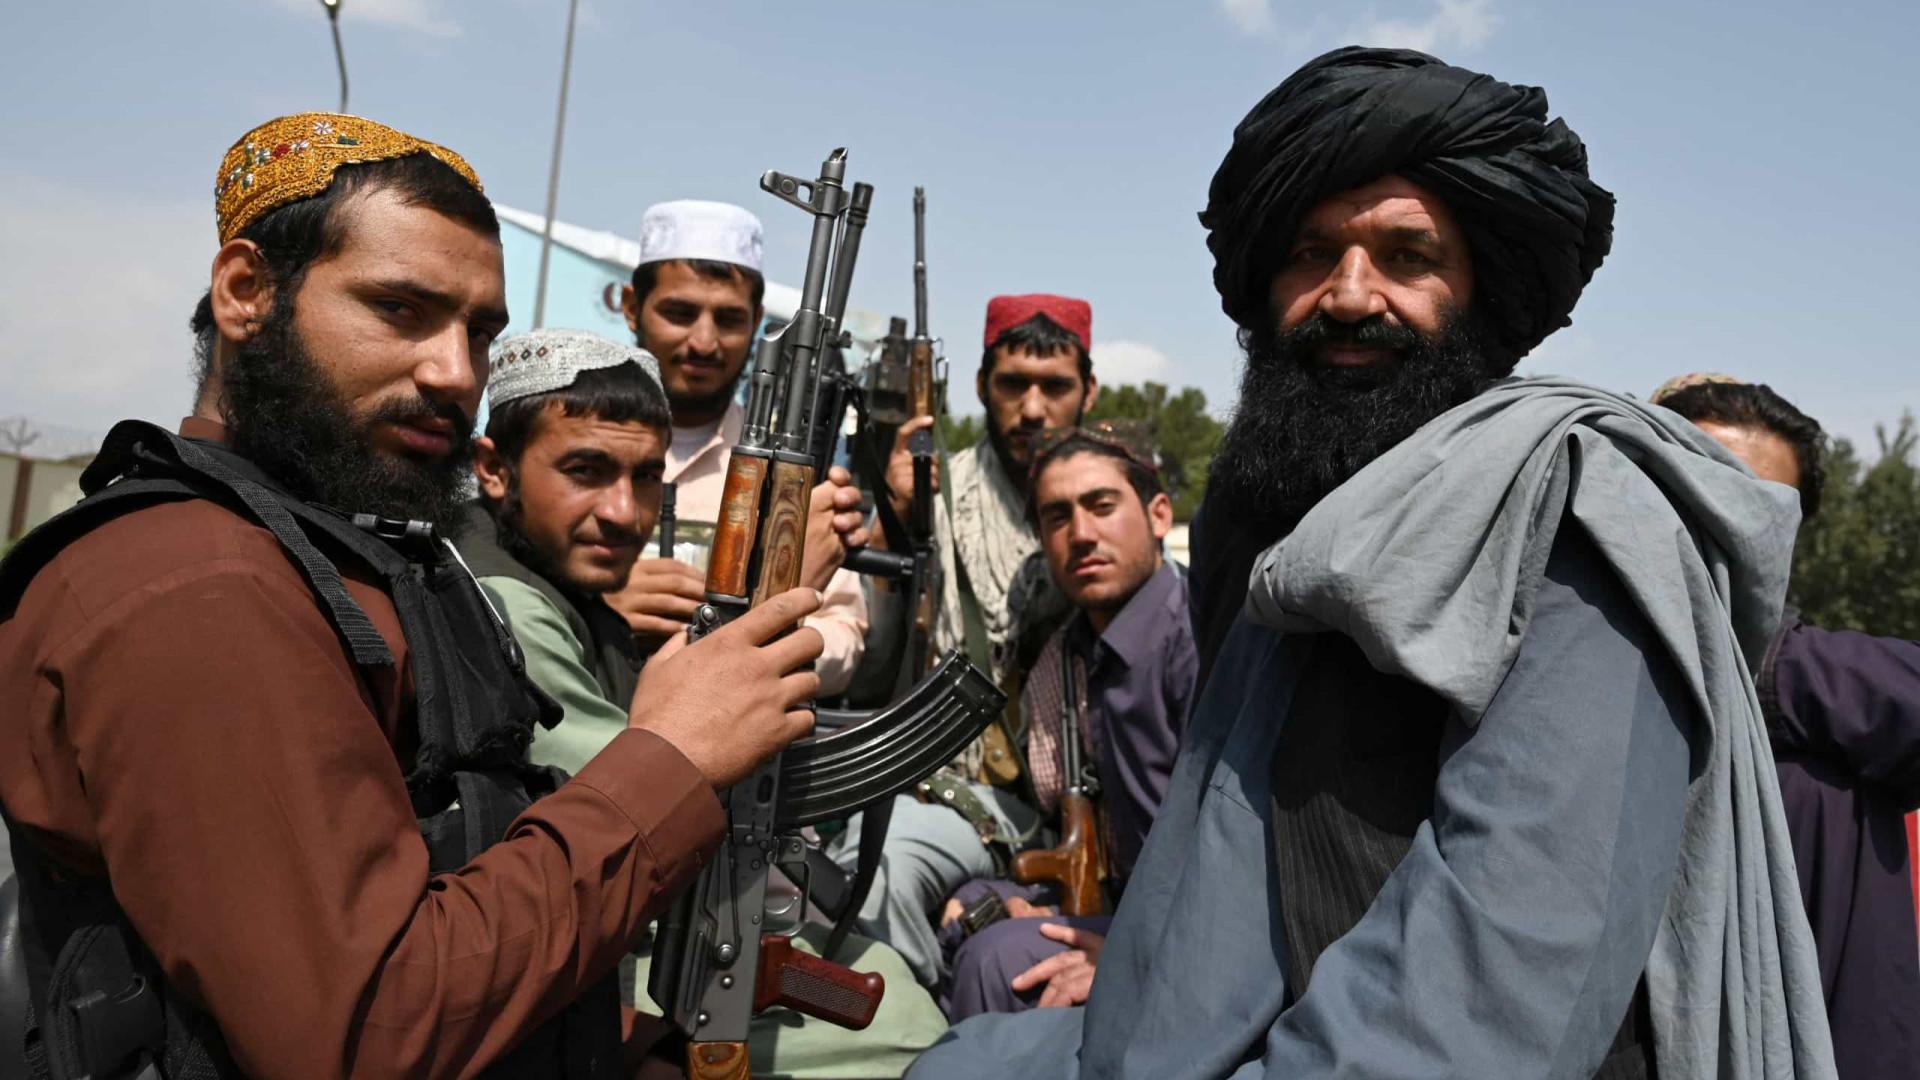 """""""Necessário para segurança"""". Talibãs vão praticar execuções e amputações"""